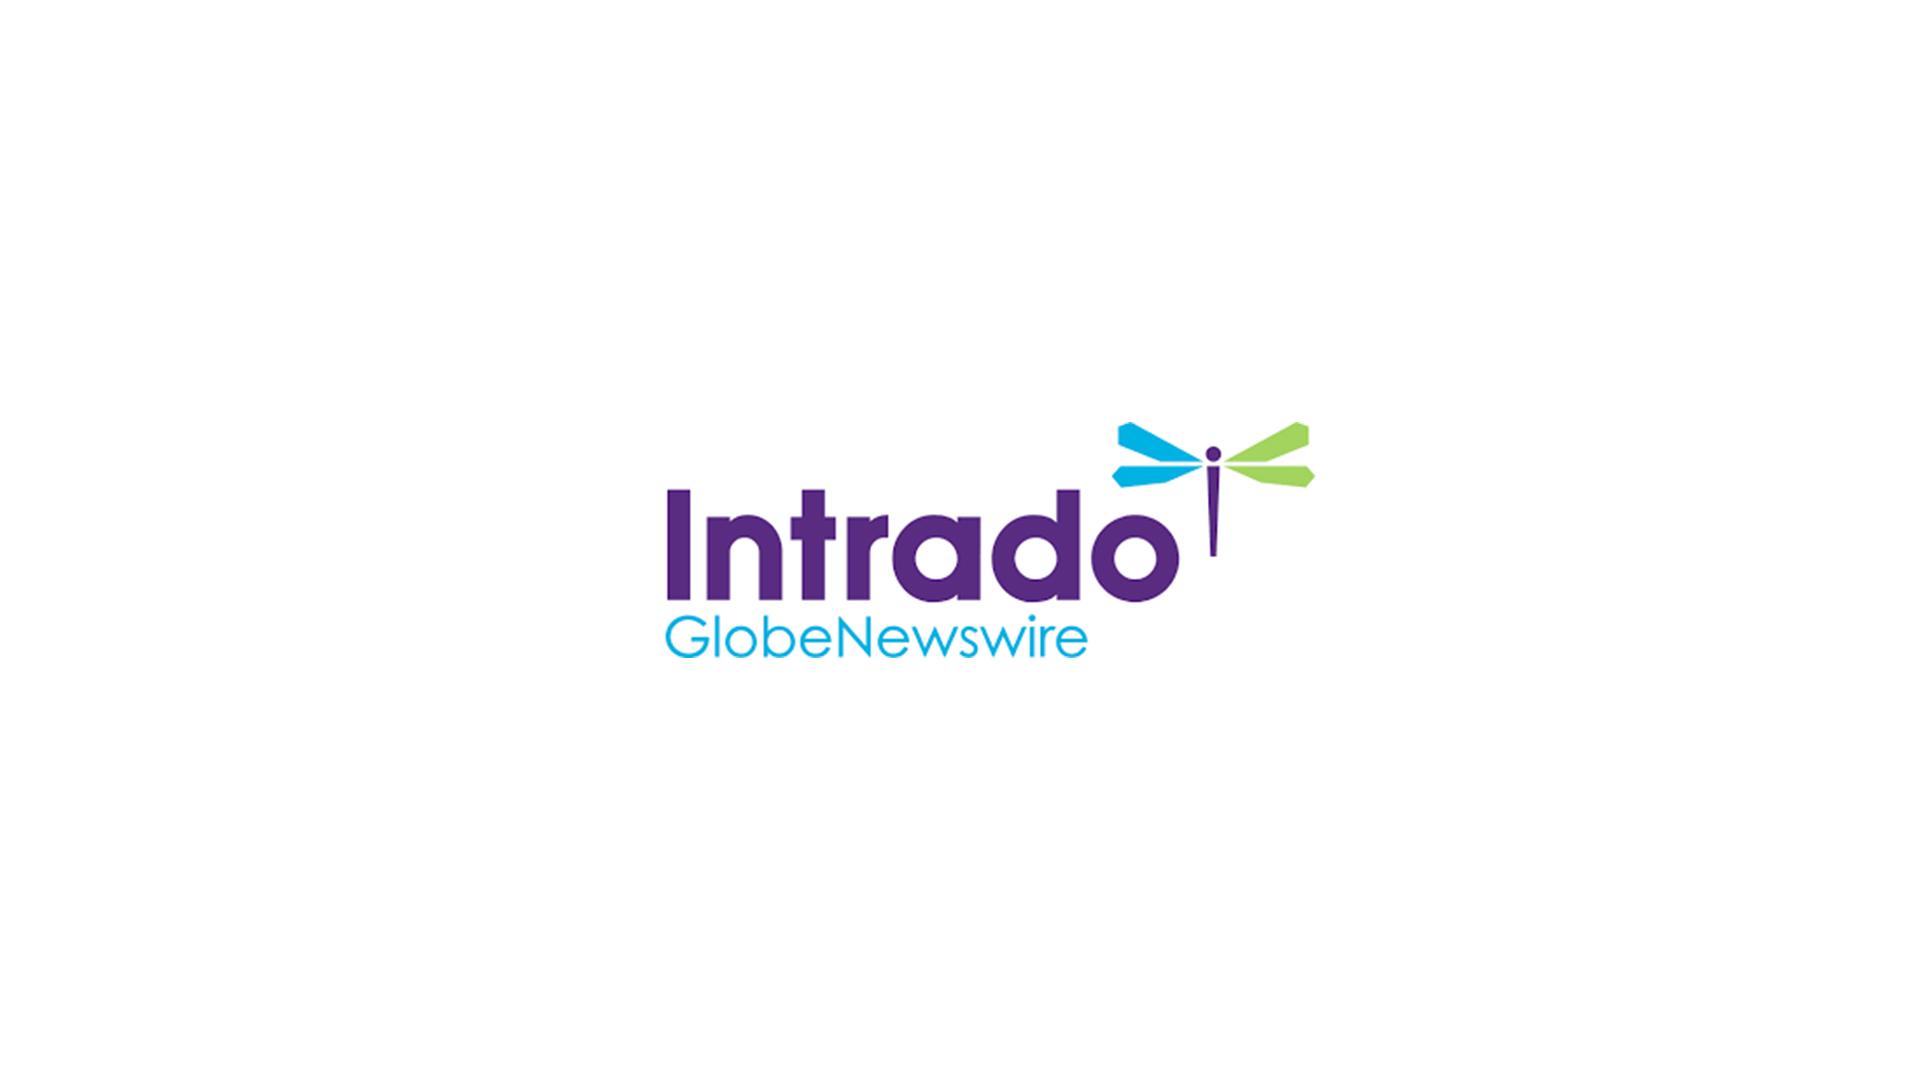 intrado globenewswire logo